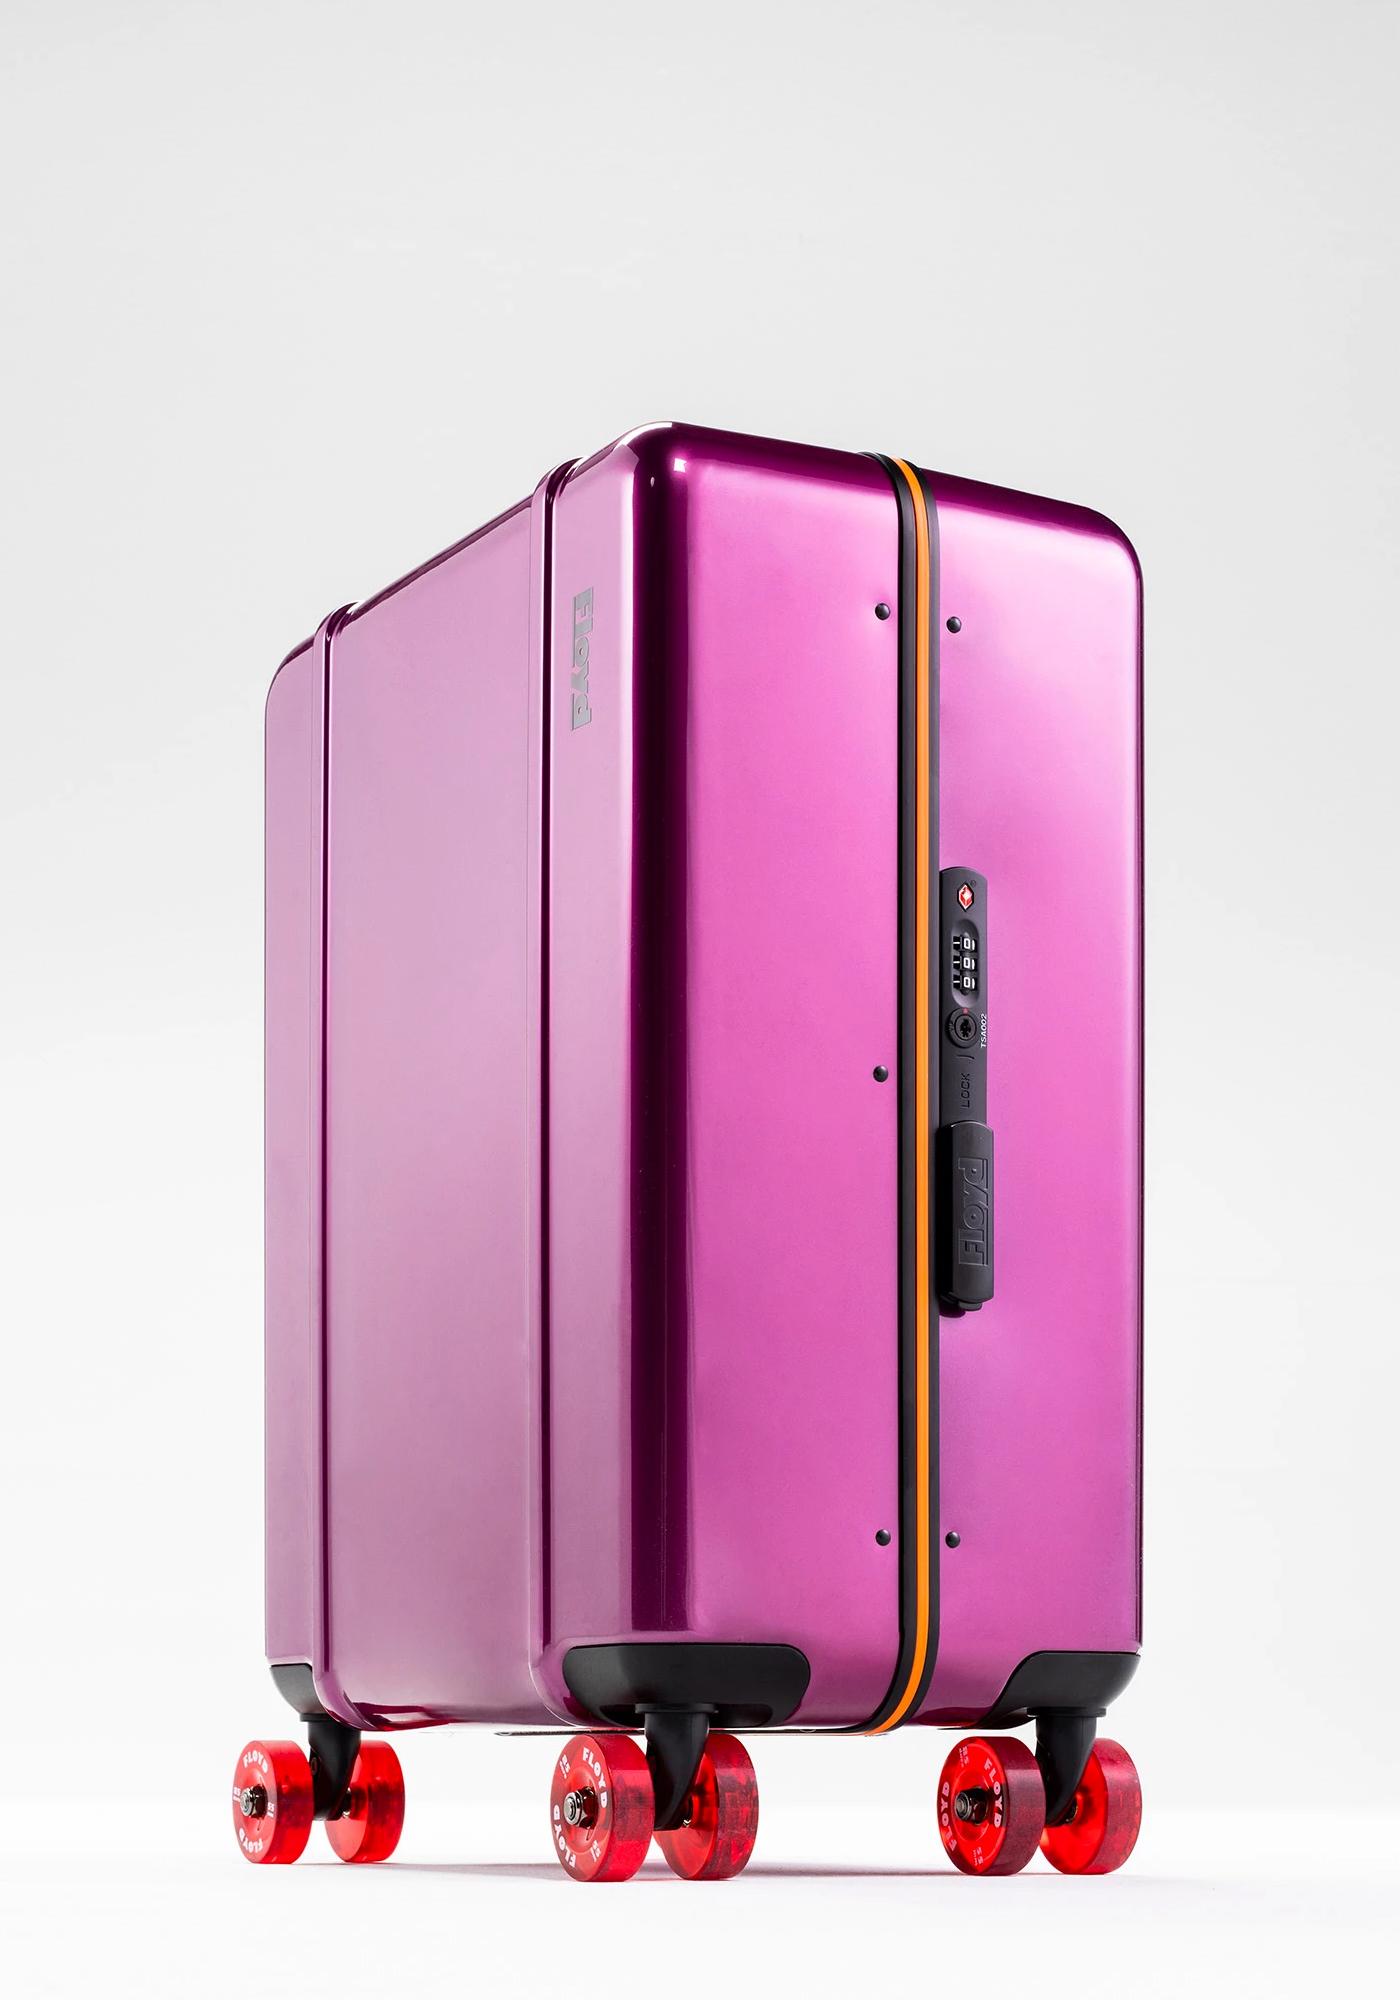 Floyd Valises Californie Travel Case Cabin Magic Purple